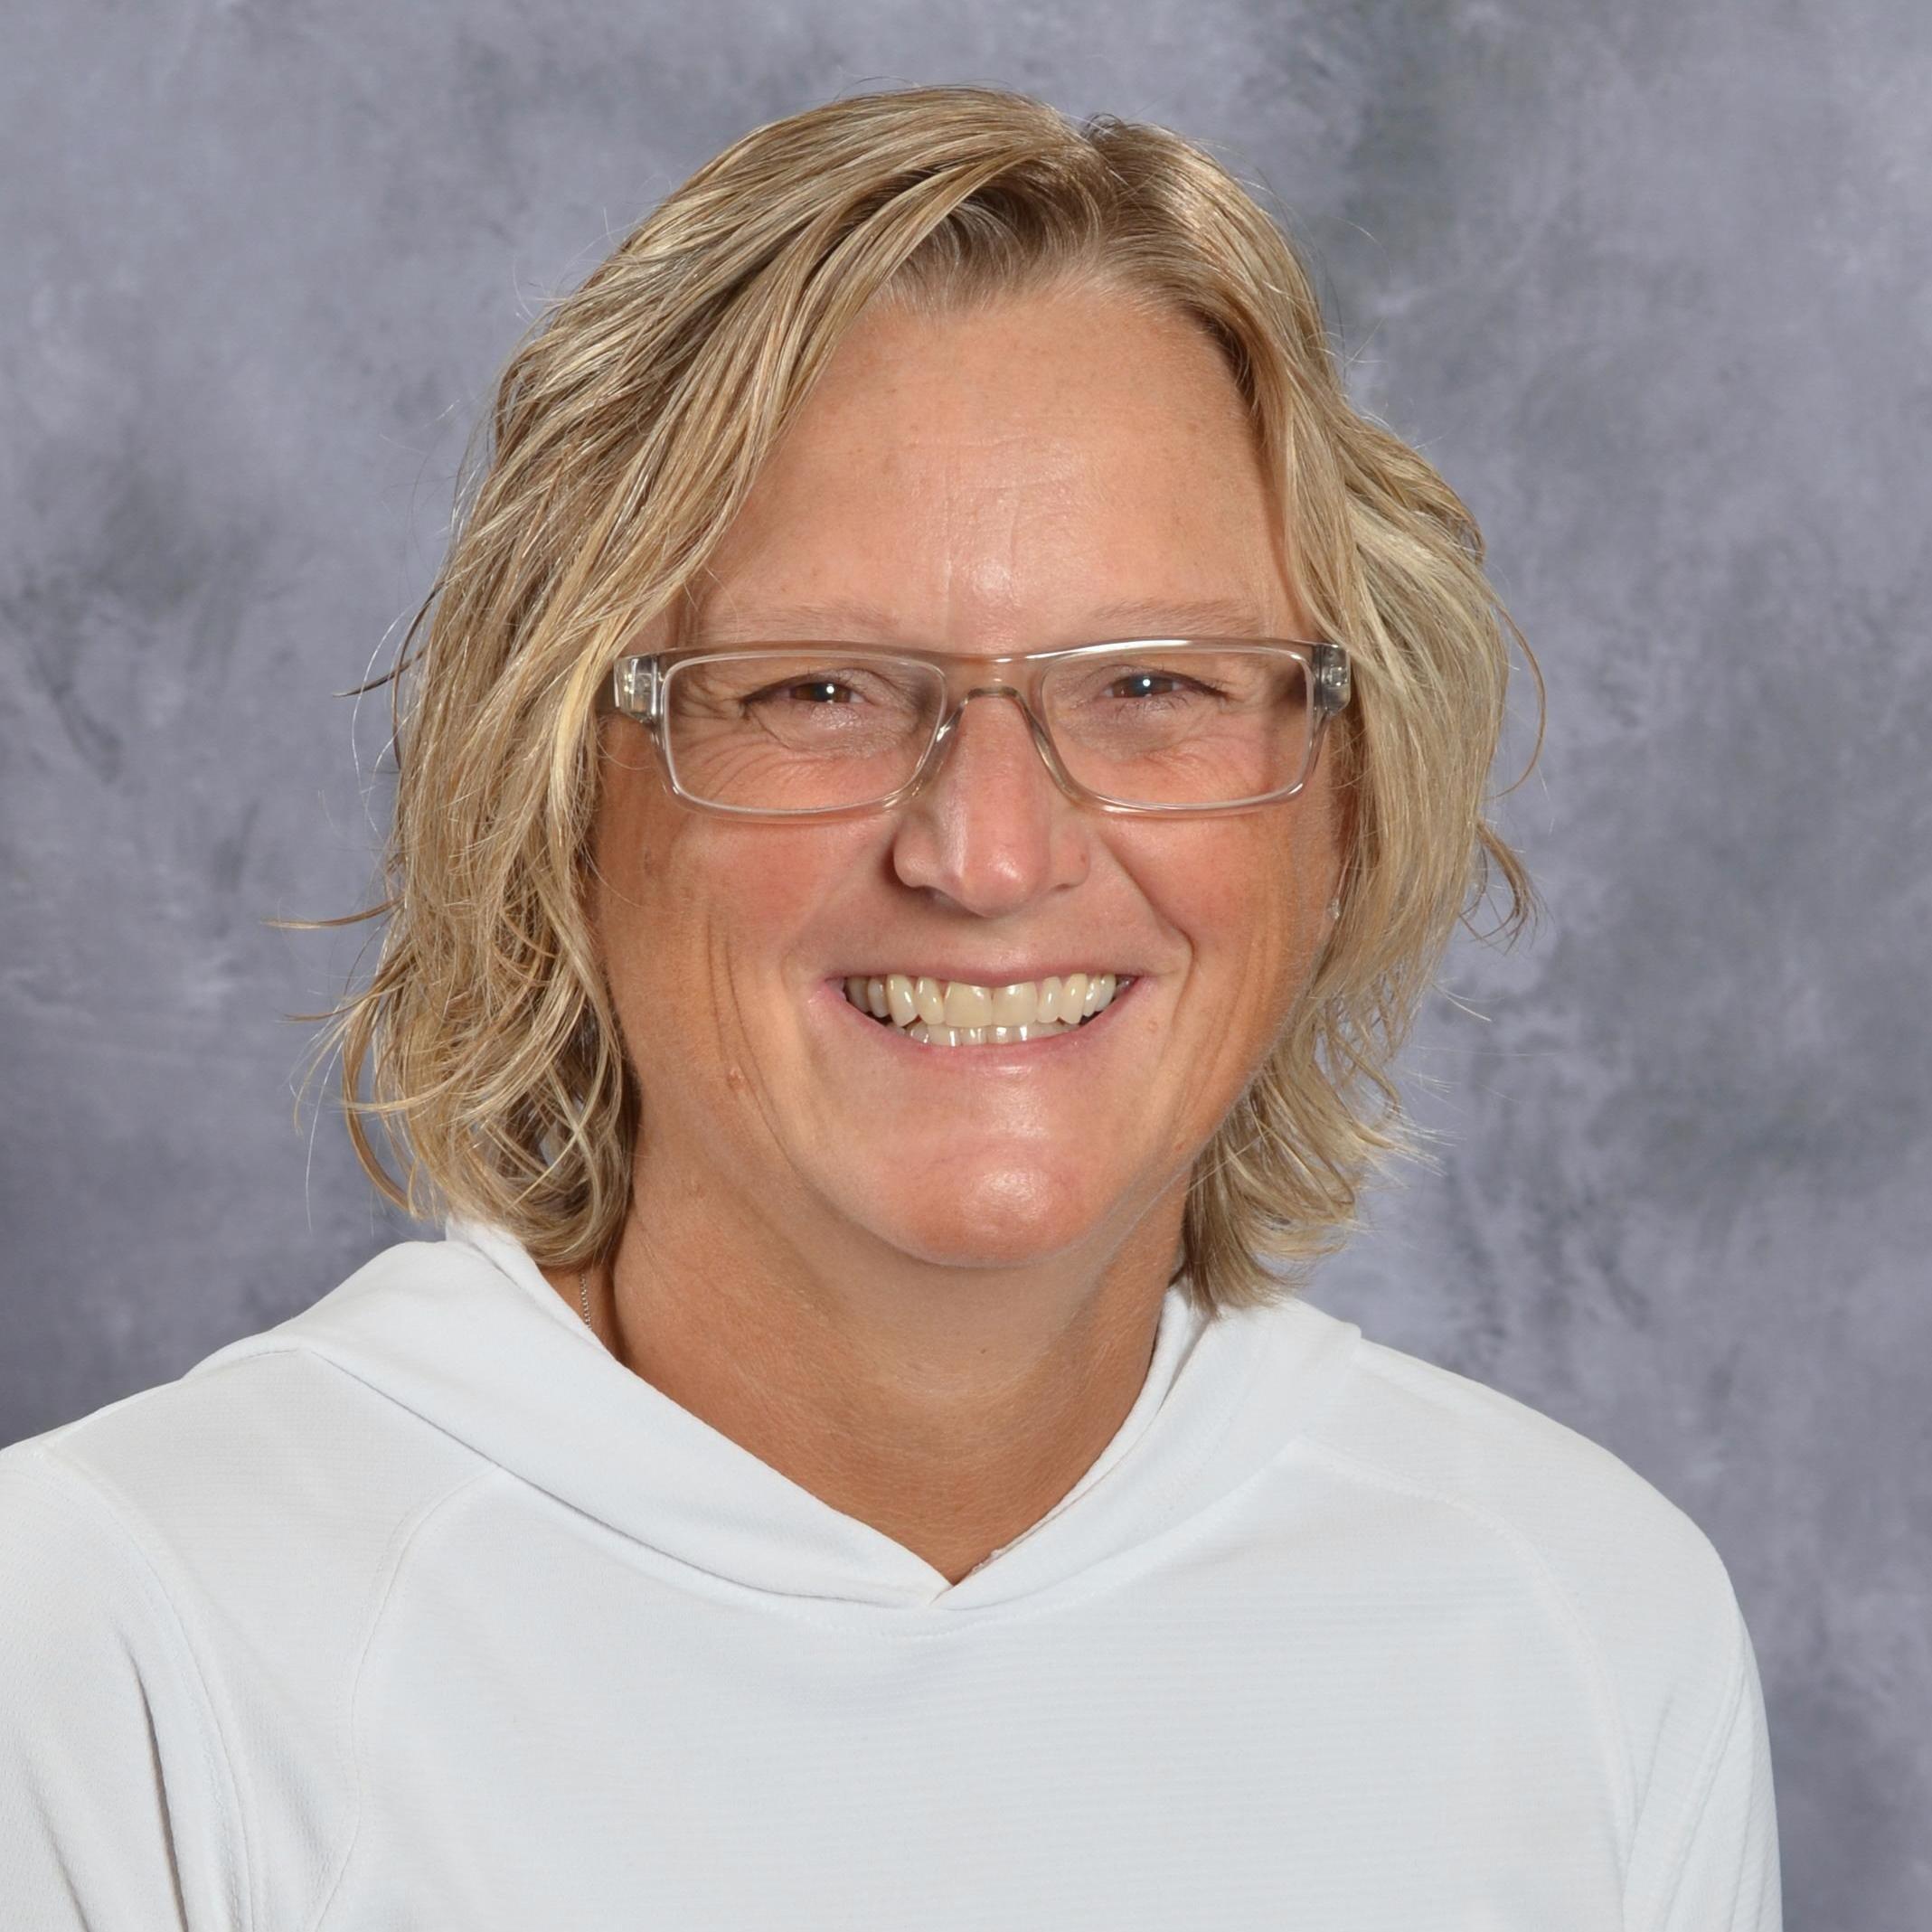 Jennifer Salasky's Profile Photo